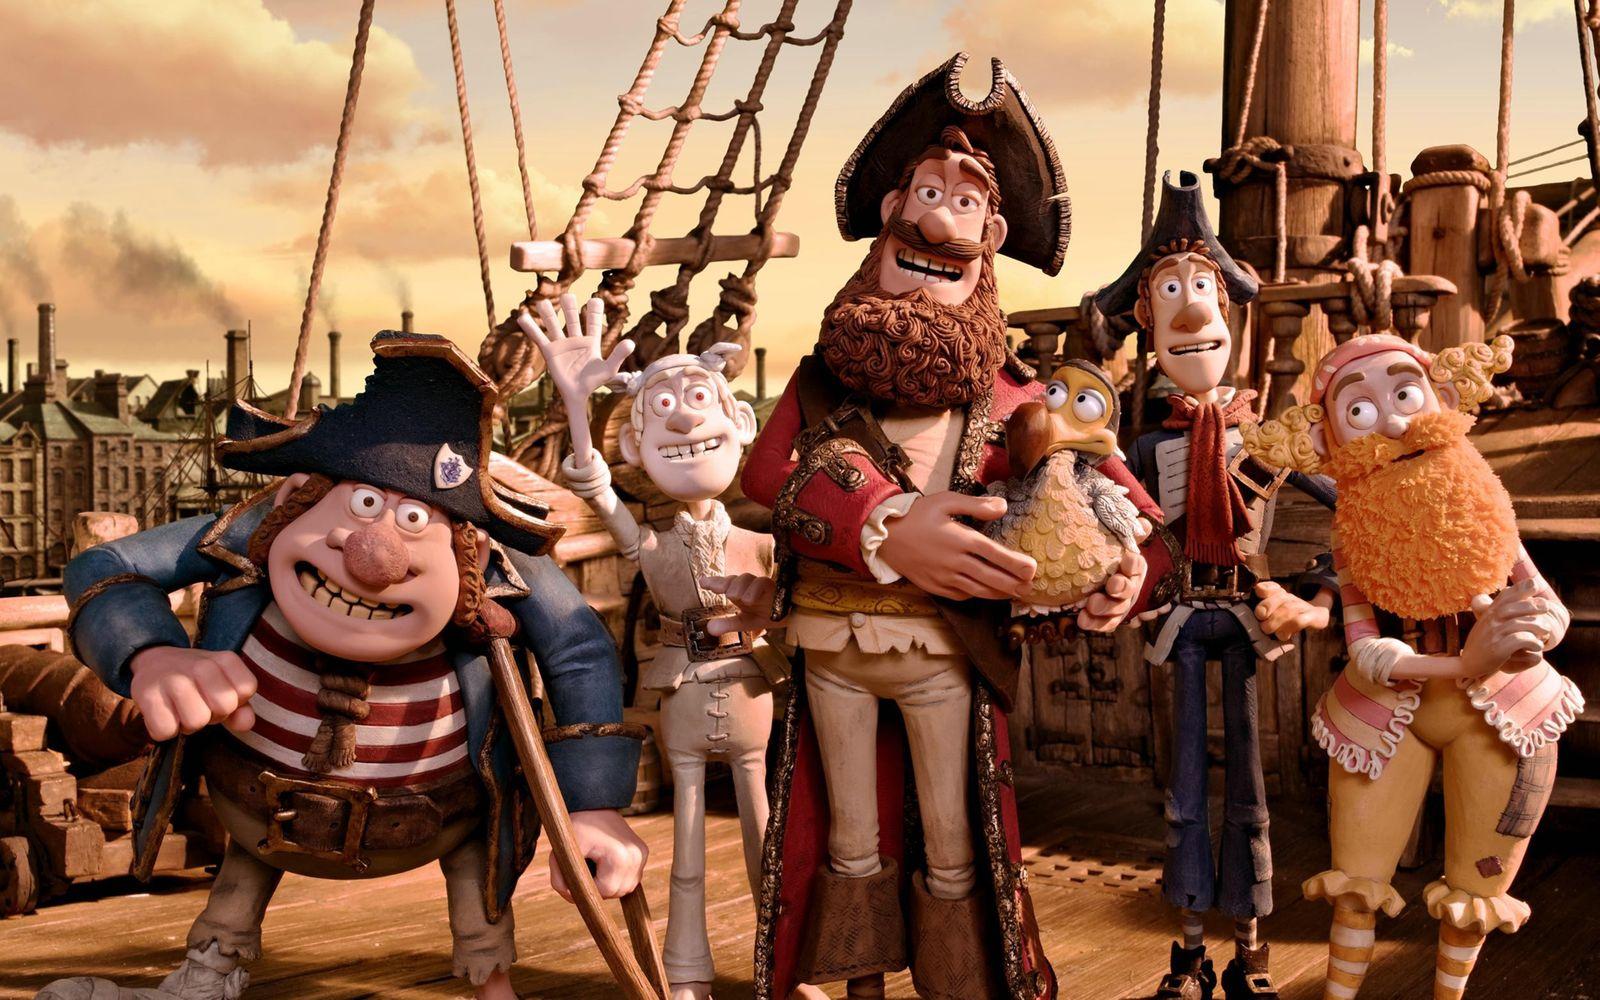 Piraten, Die - Ein Haufen merkw¸rdiger Typen (3D) / Pirates! Band Of Misfits (3D), The